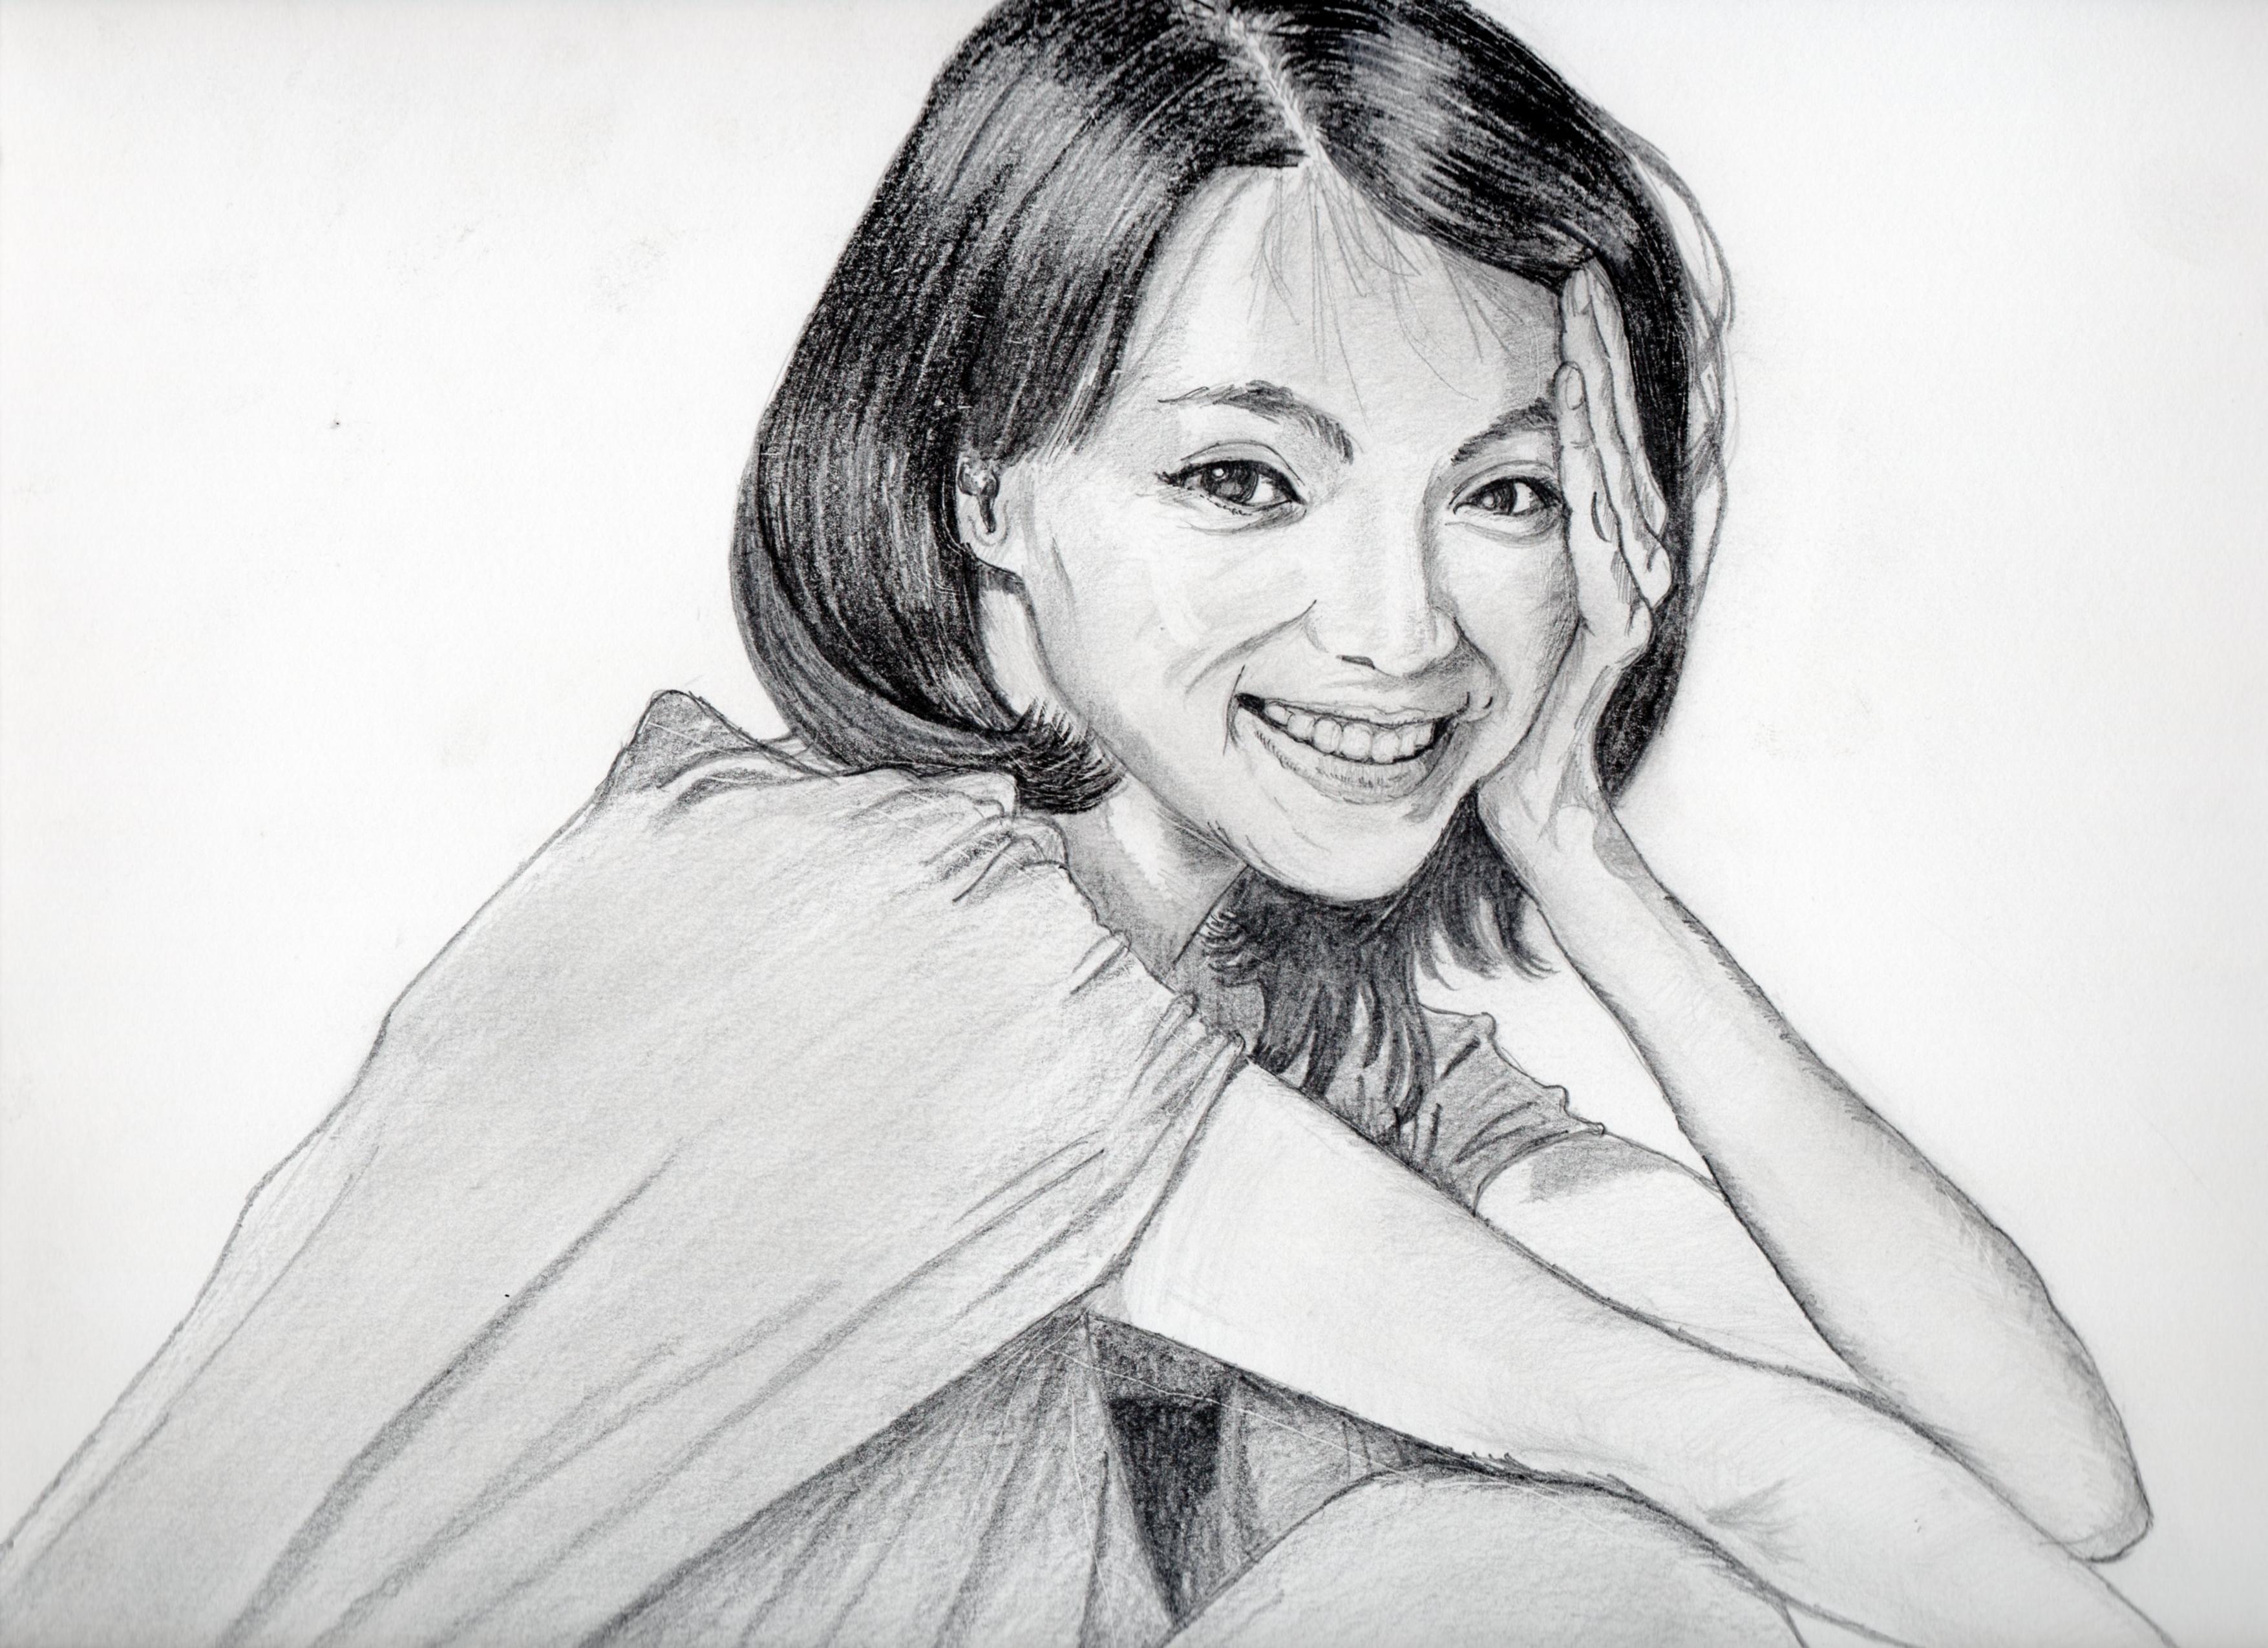 満島ひかりの鉛筆画似顔絵、満島ひかりのリアル鉛筆画似顔絵